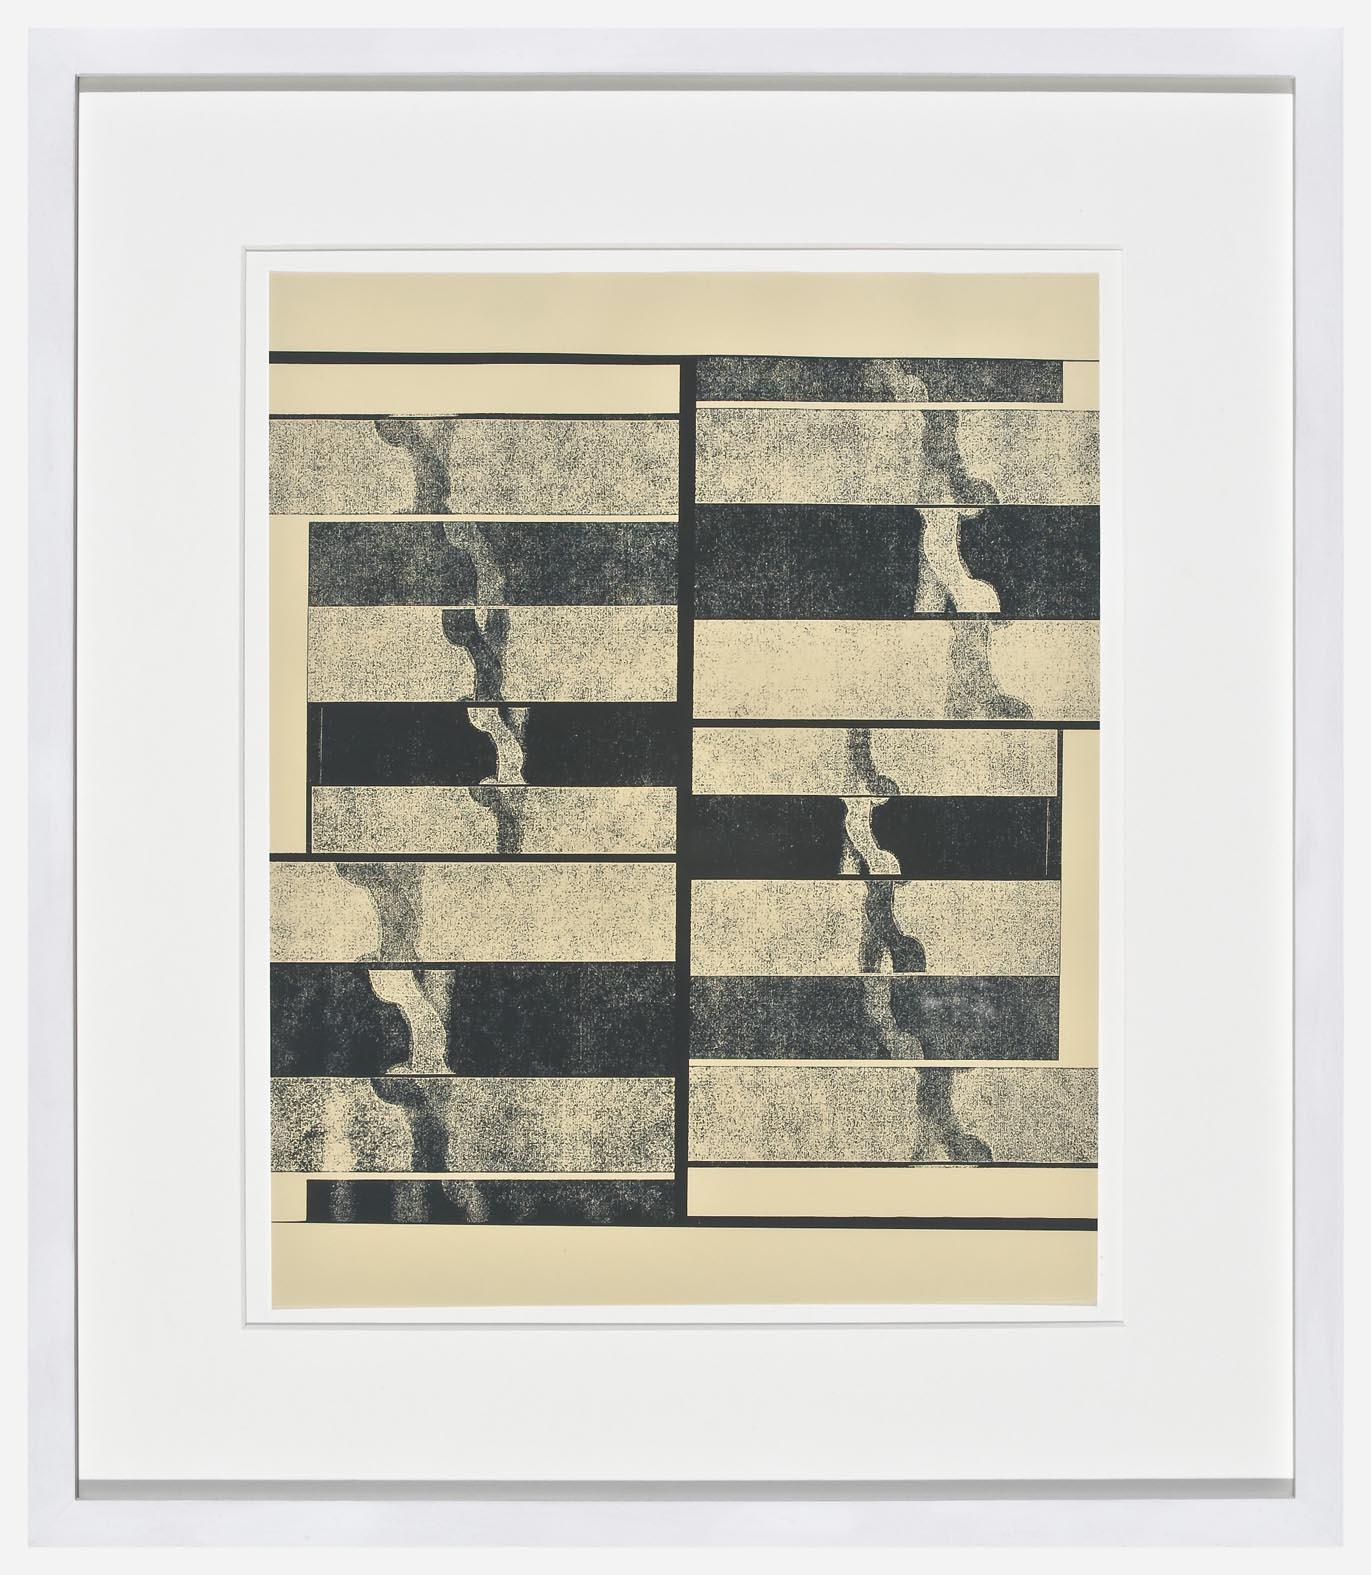 Josh Brand Untitled 2008 unique c-print 33.1 x 27 cm